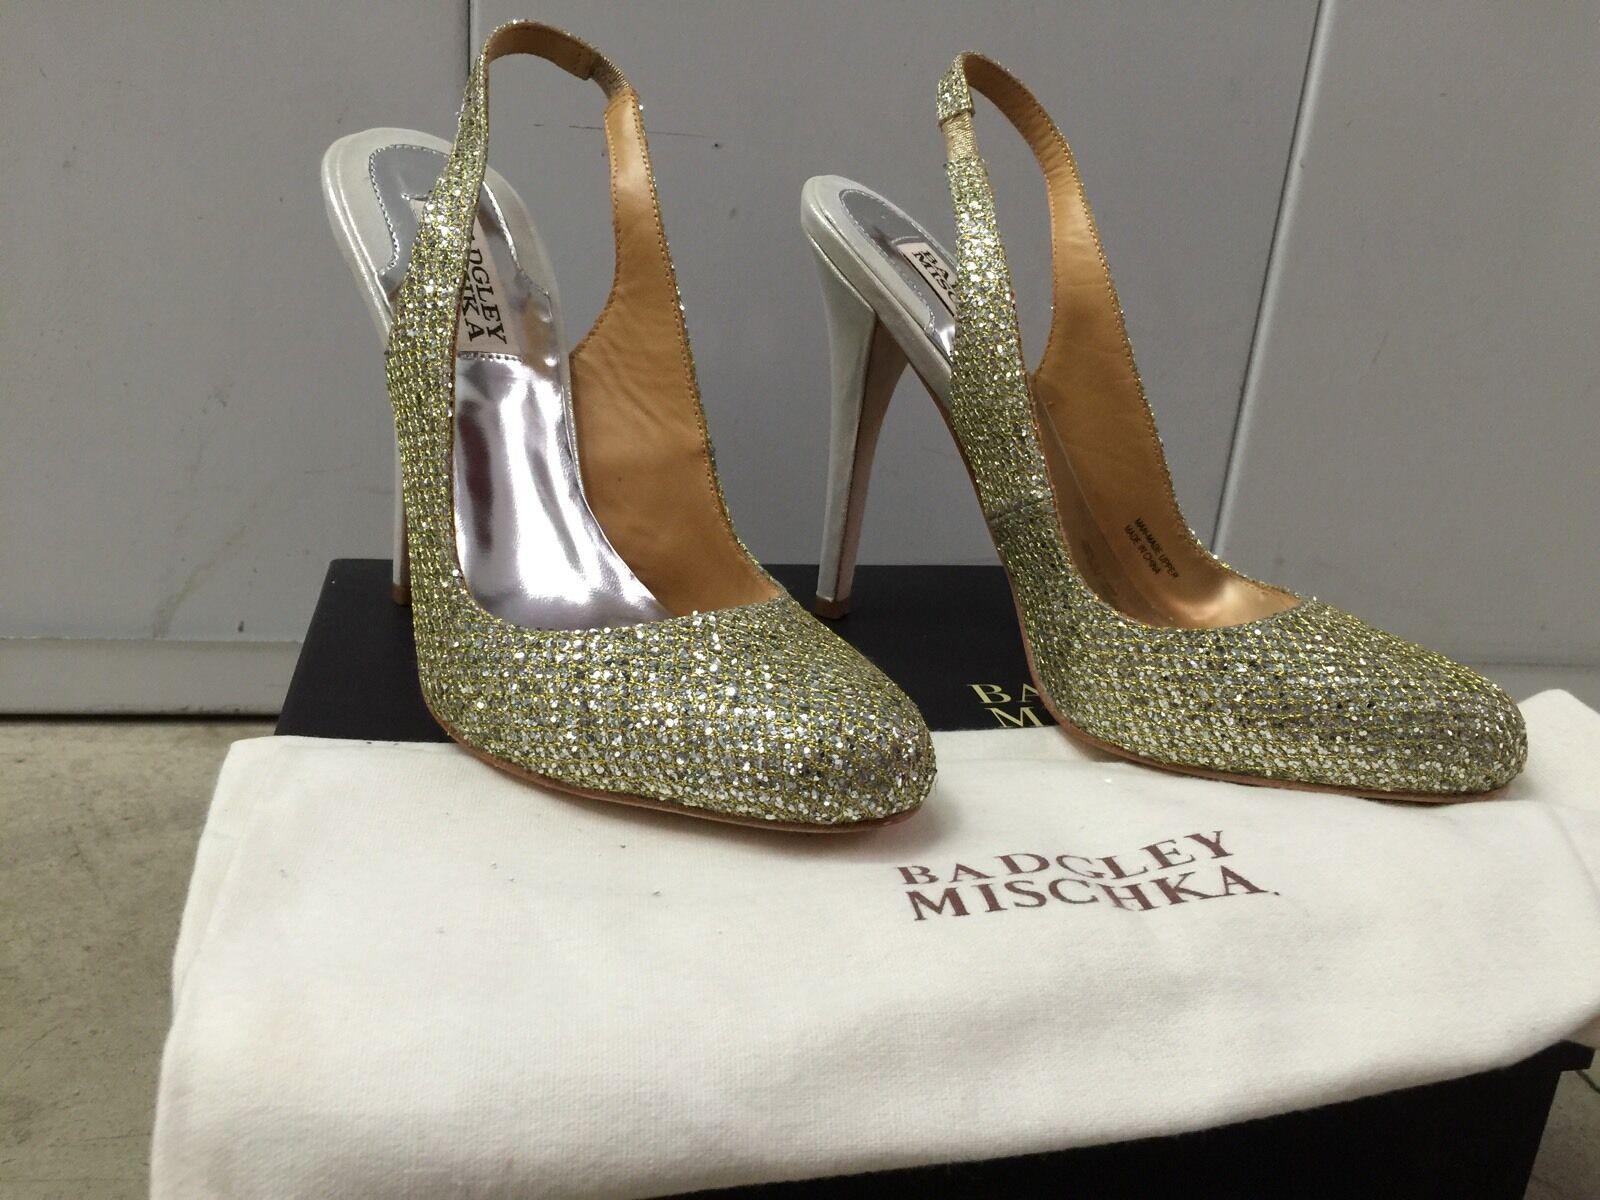 Brand New GLITTER BADGLEY MISCHKA KISS KISS SLINGBACK PUMP GOLD GLITTER New US SIZE 7.0 5c1660